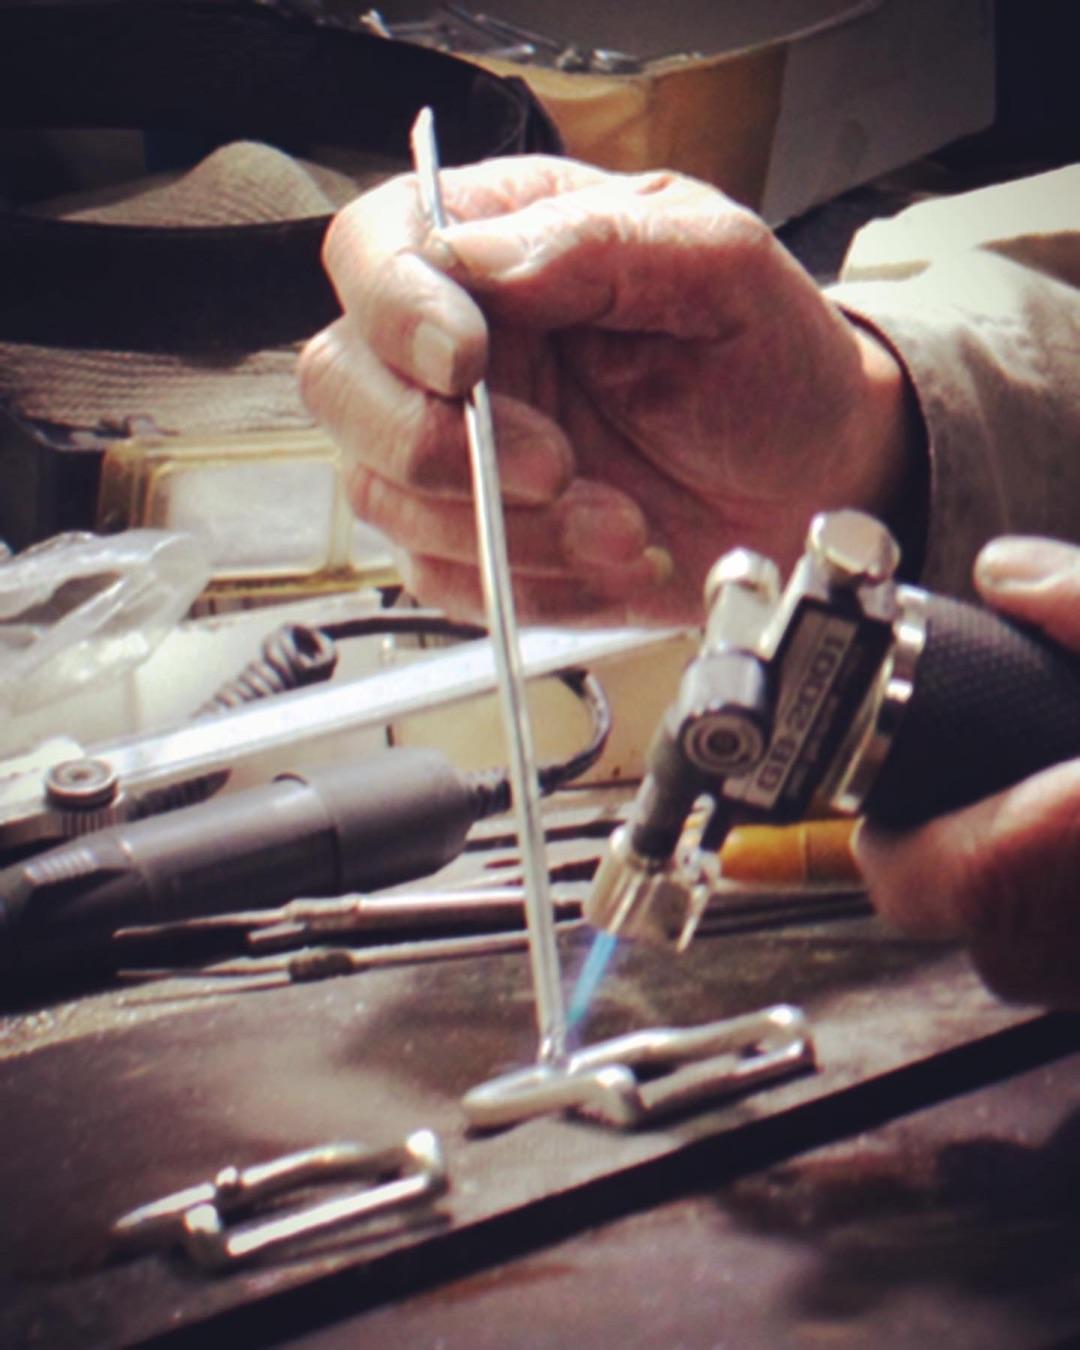 リジナルベルトバックル用の原型作り。お客様のイメージを形にする大切な技術。 歴史を刻んだ職人や機械や道具。誰にも真似できないモノ作りがここにあります。